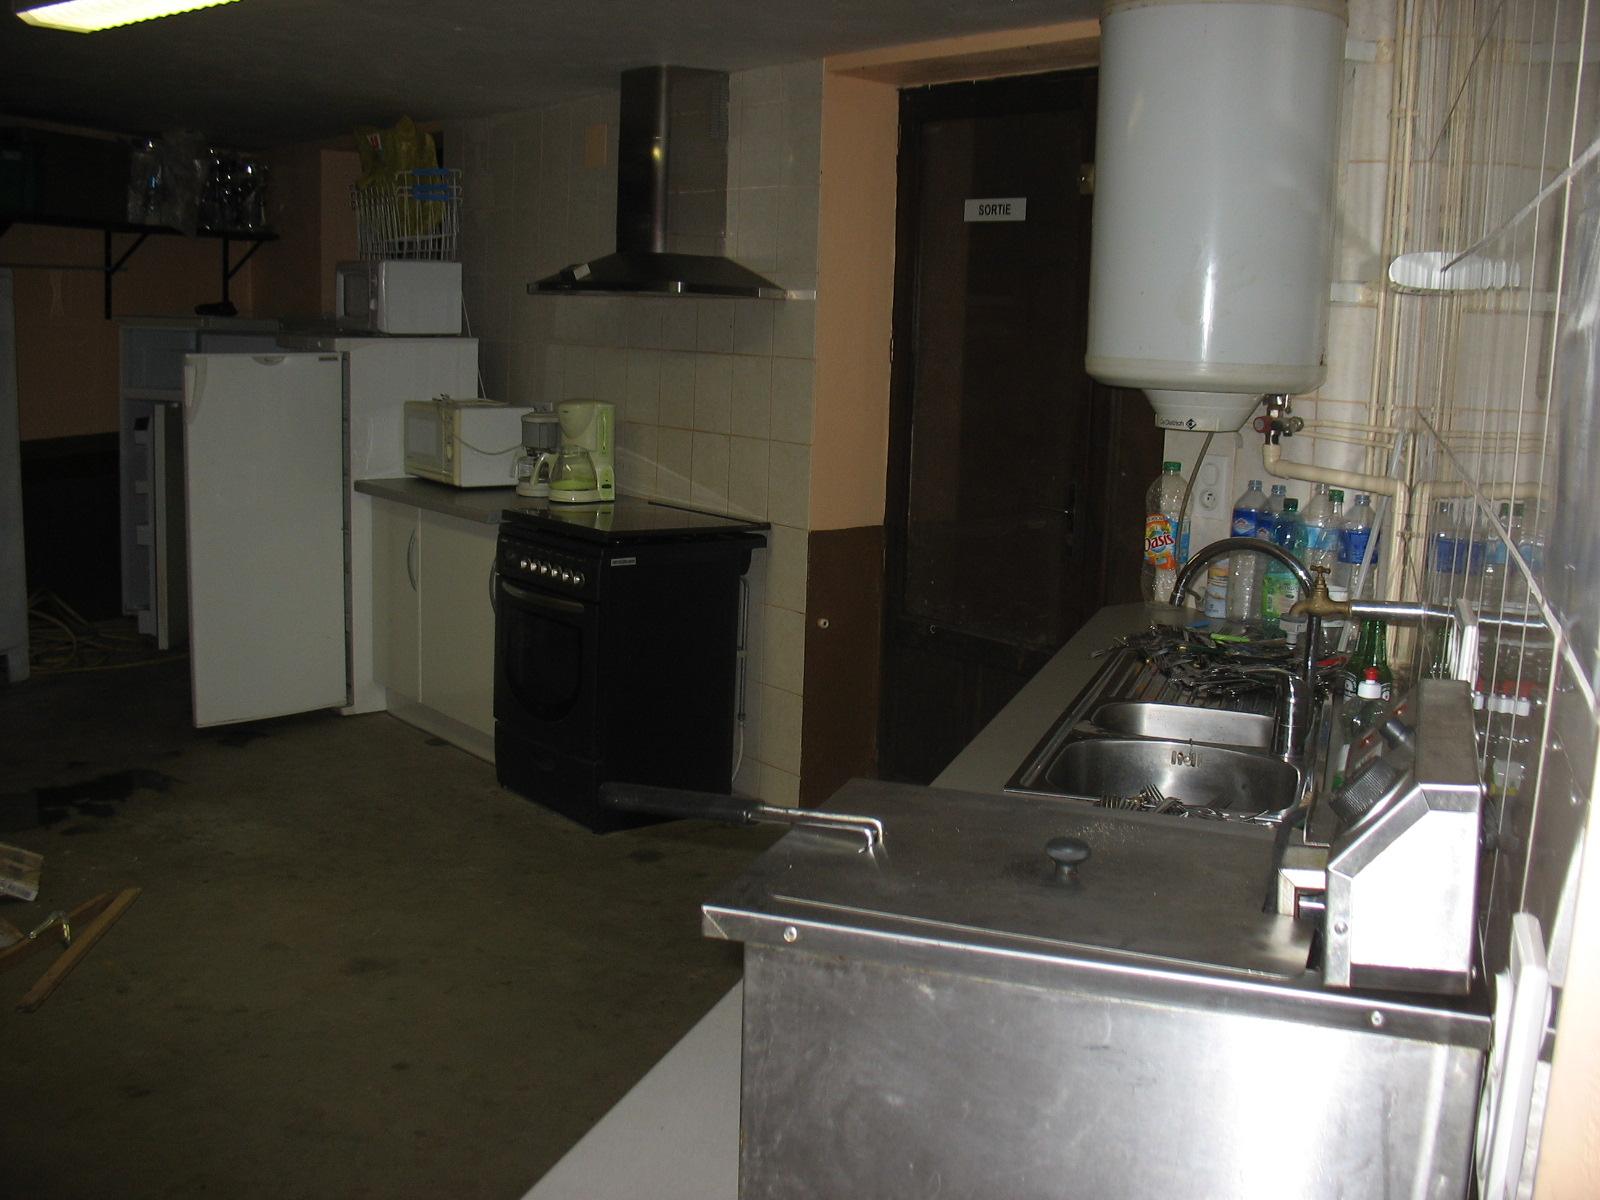 Cuisine salle communale de LAROQUE